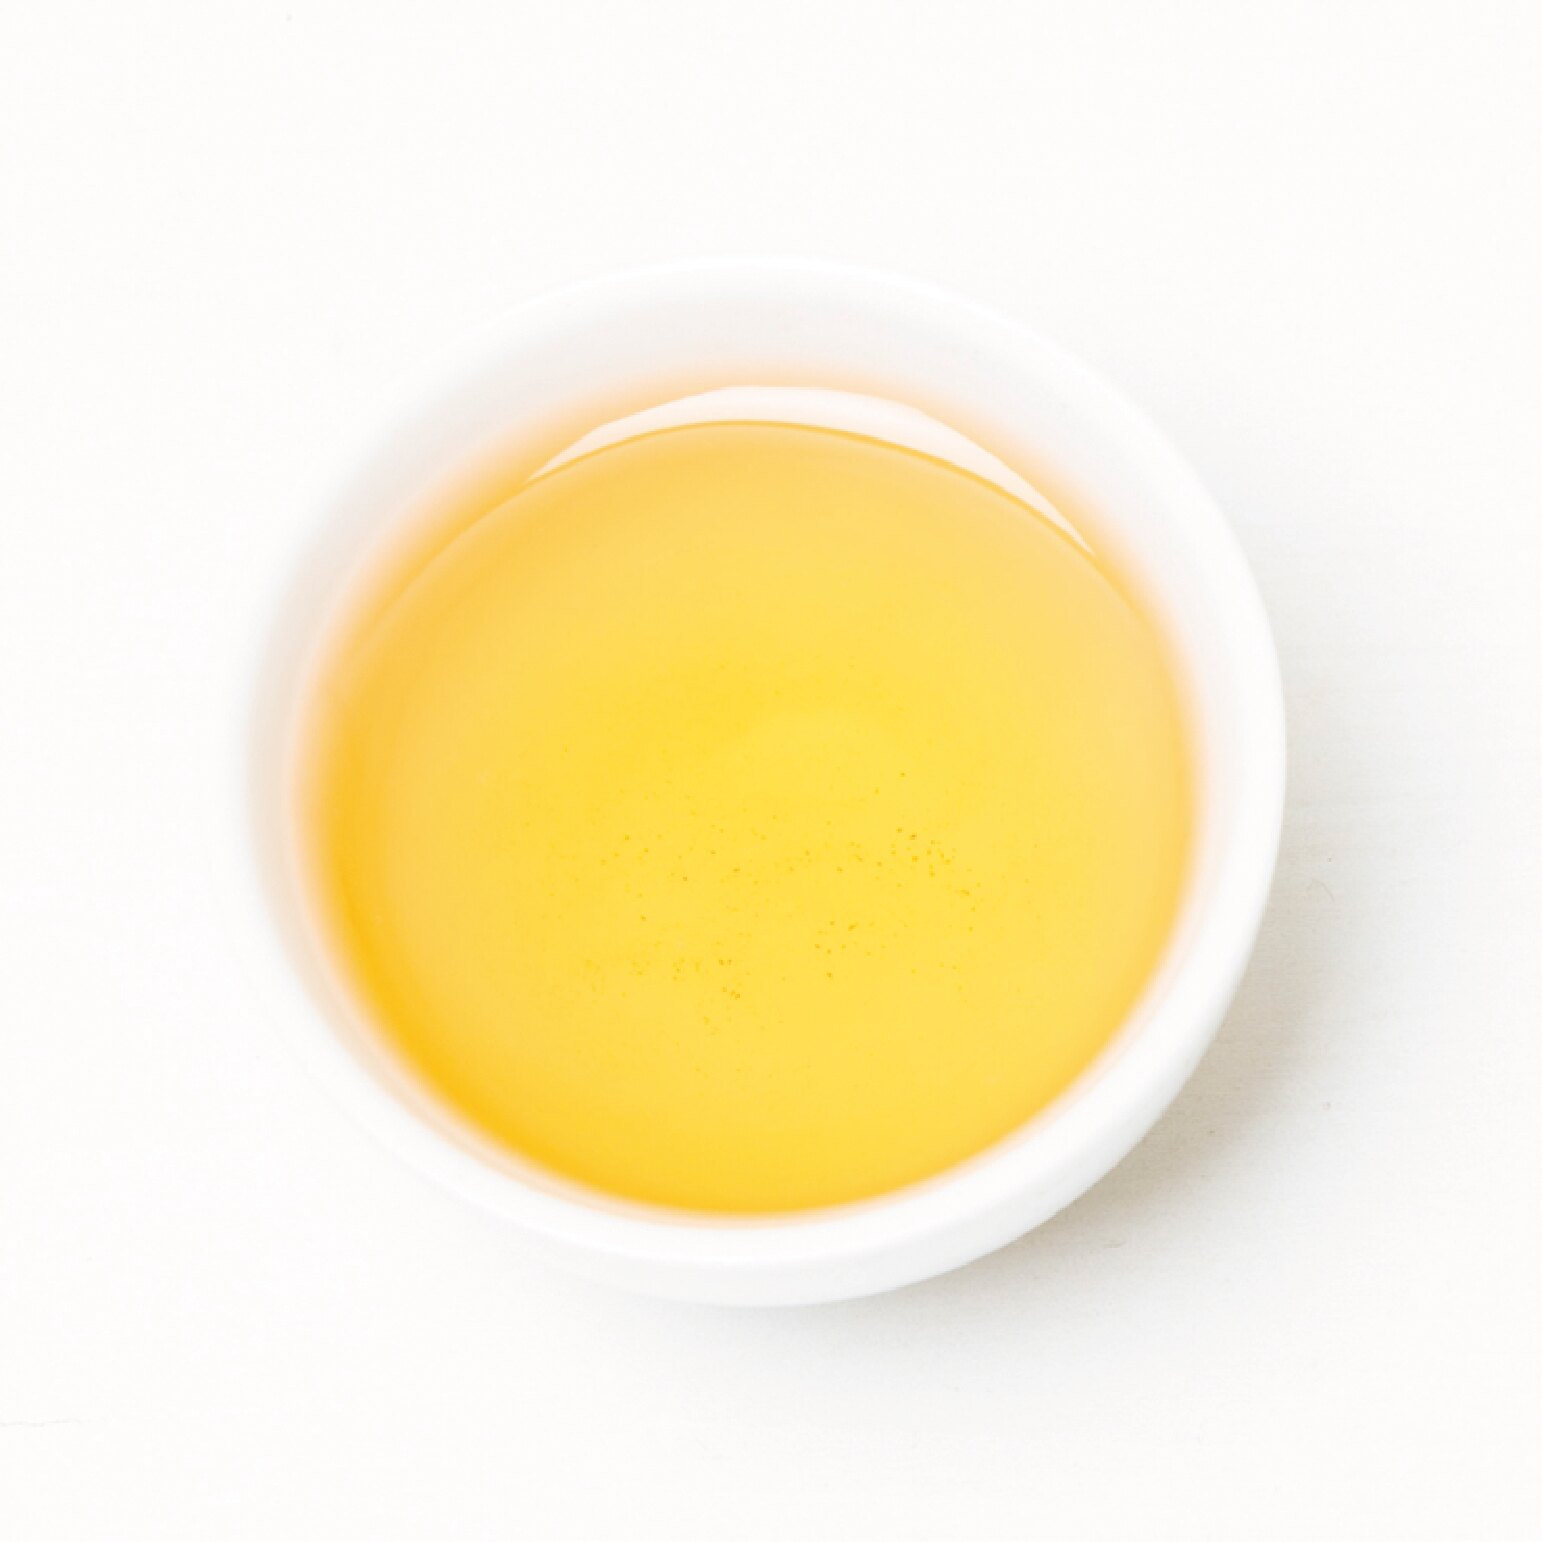 【杜爾德洋行 Dodd Tea】嚴選凍頂山碳培烏龍茶立體茶包12入 【台灣鳳蝶紀念版】 2